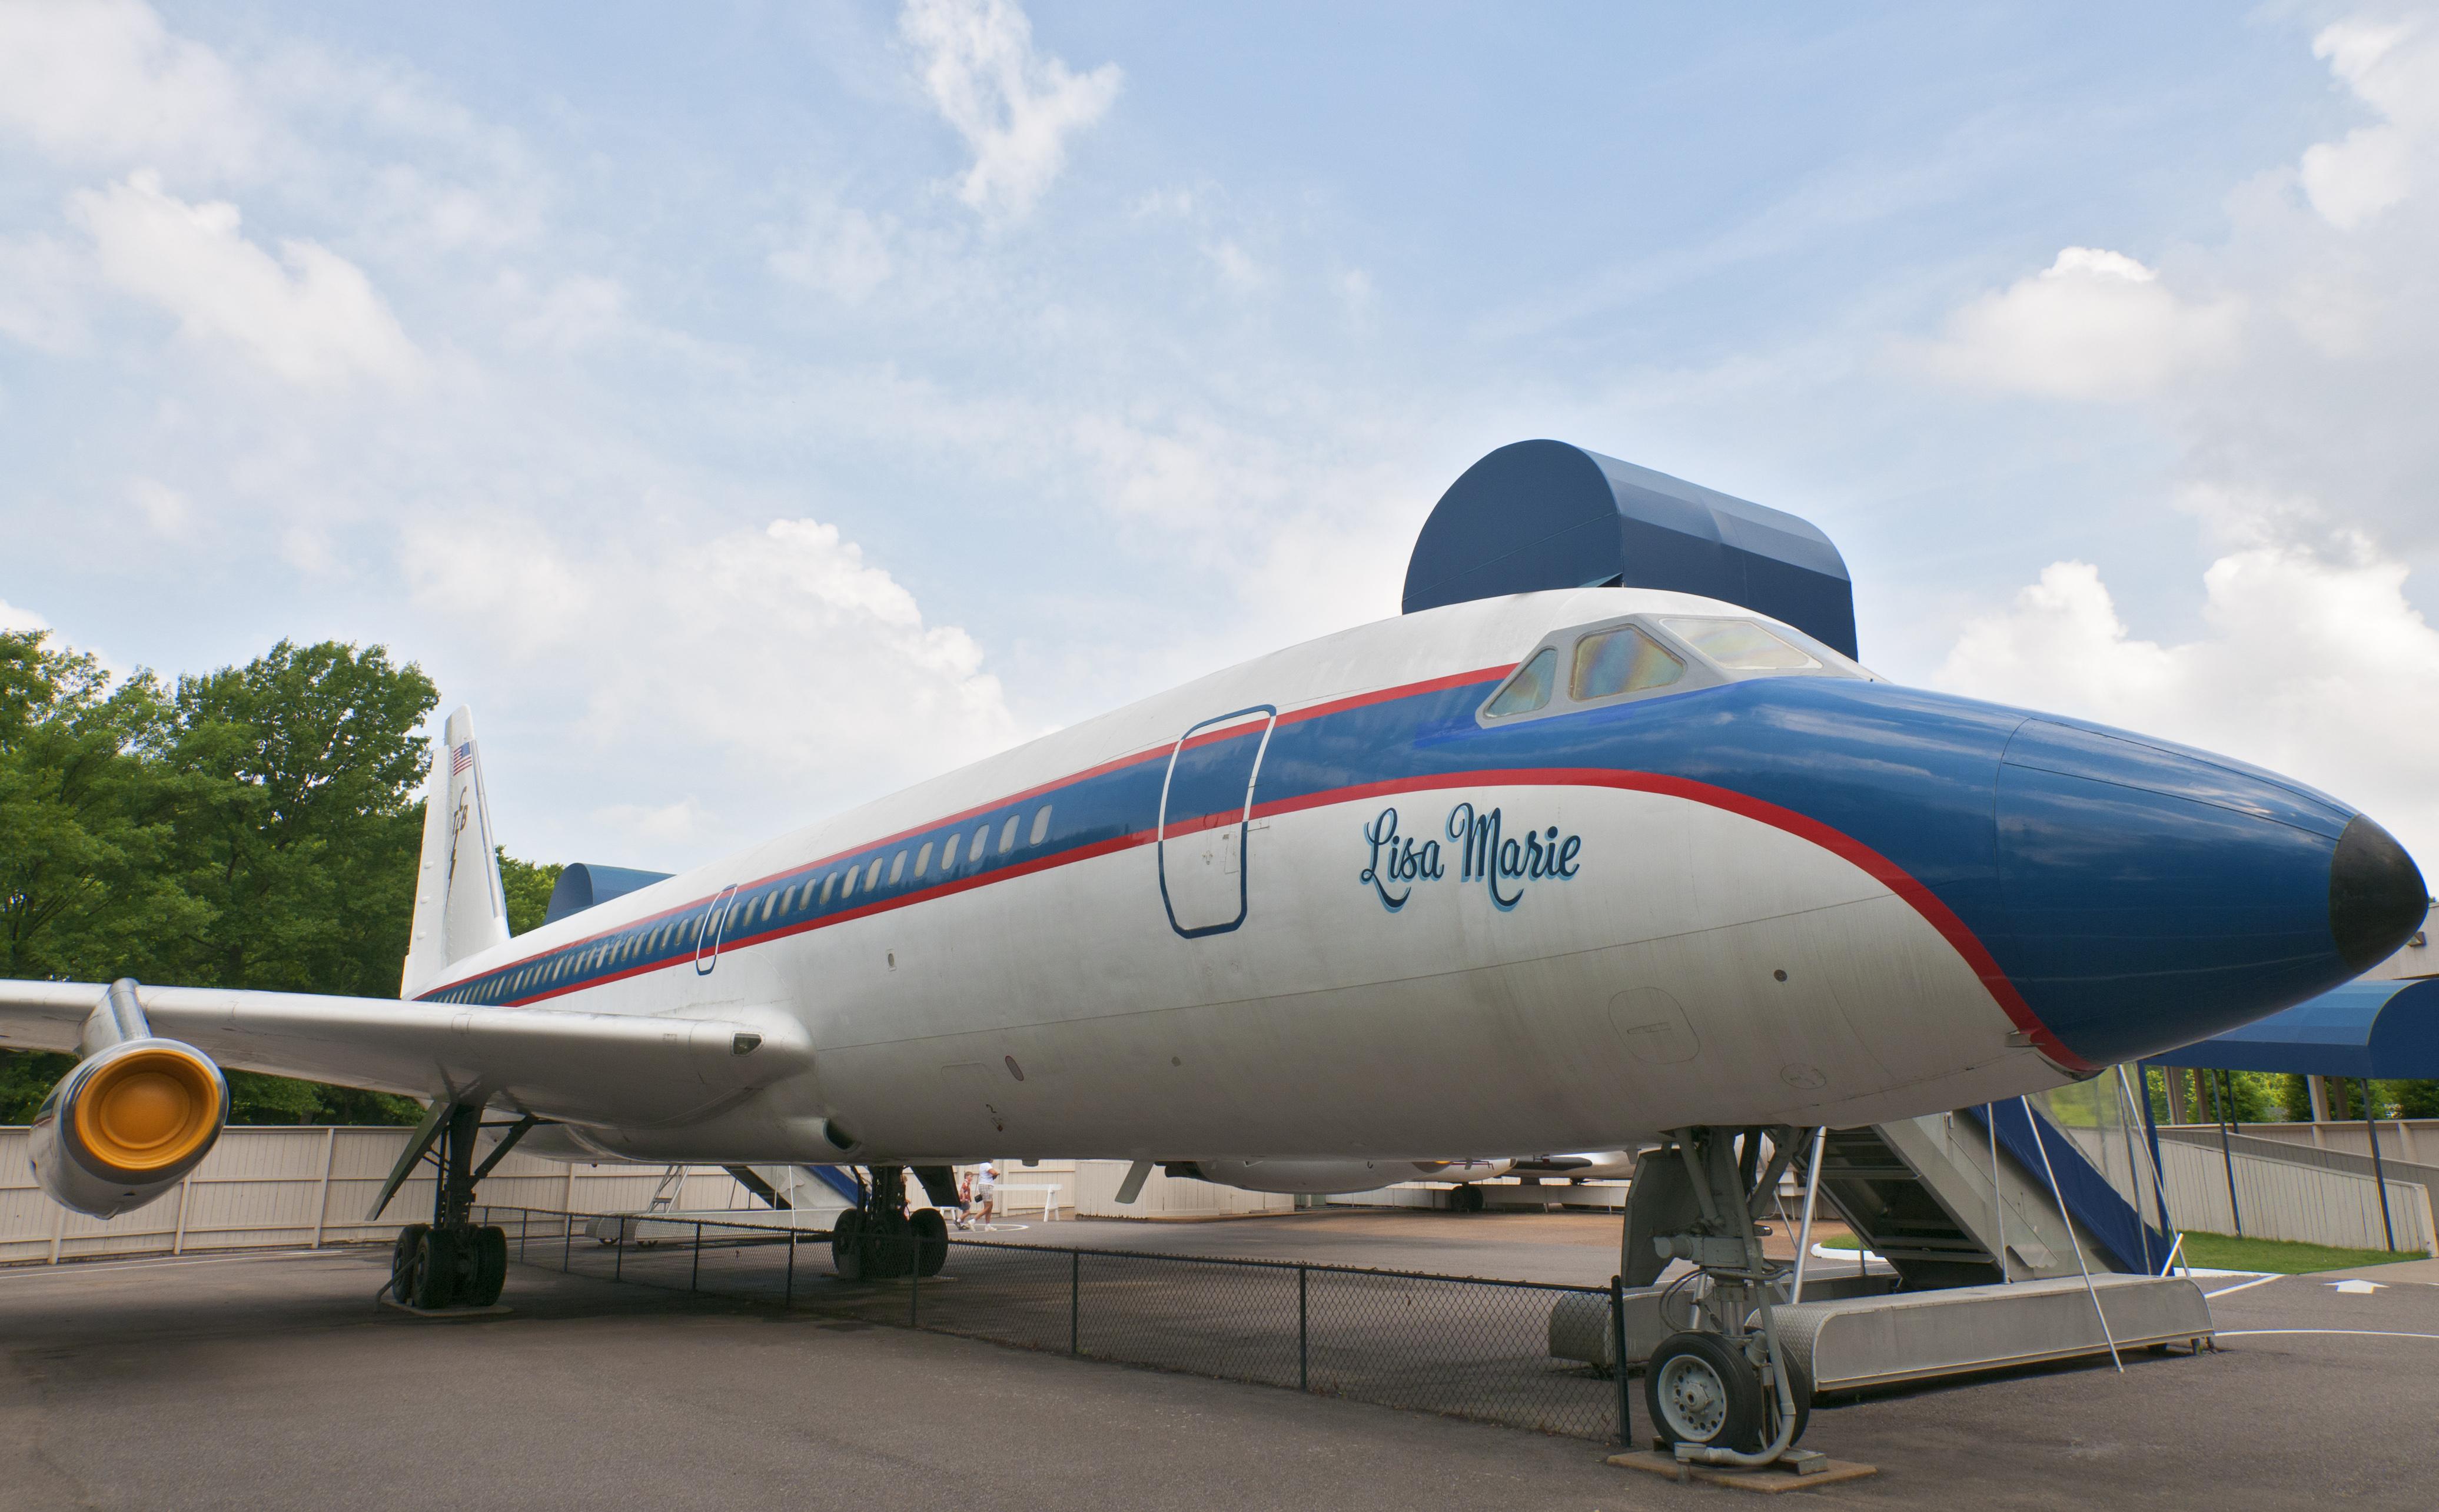 Elvis Presley's Graceland, Elvis' private jet named after his daughter Lisa Marie.